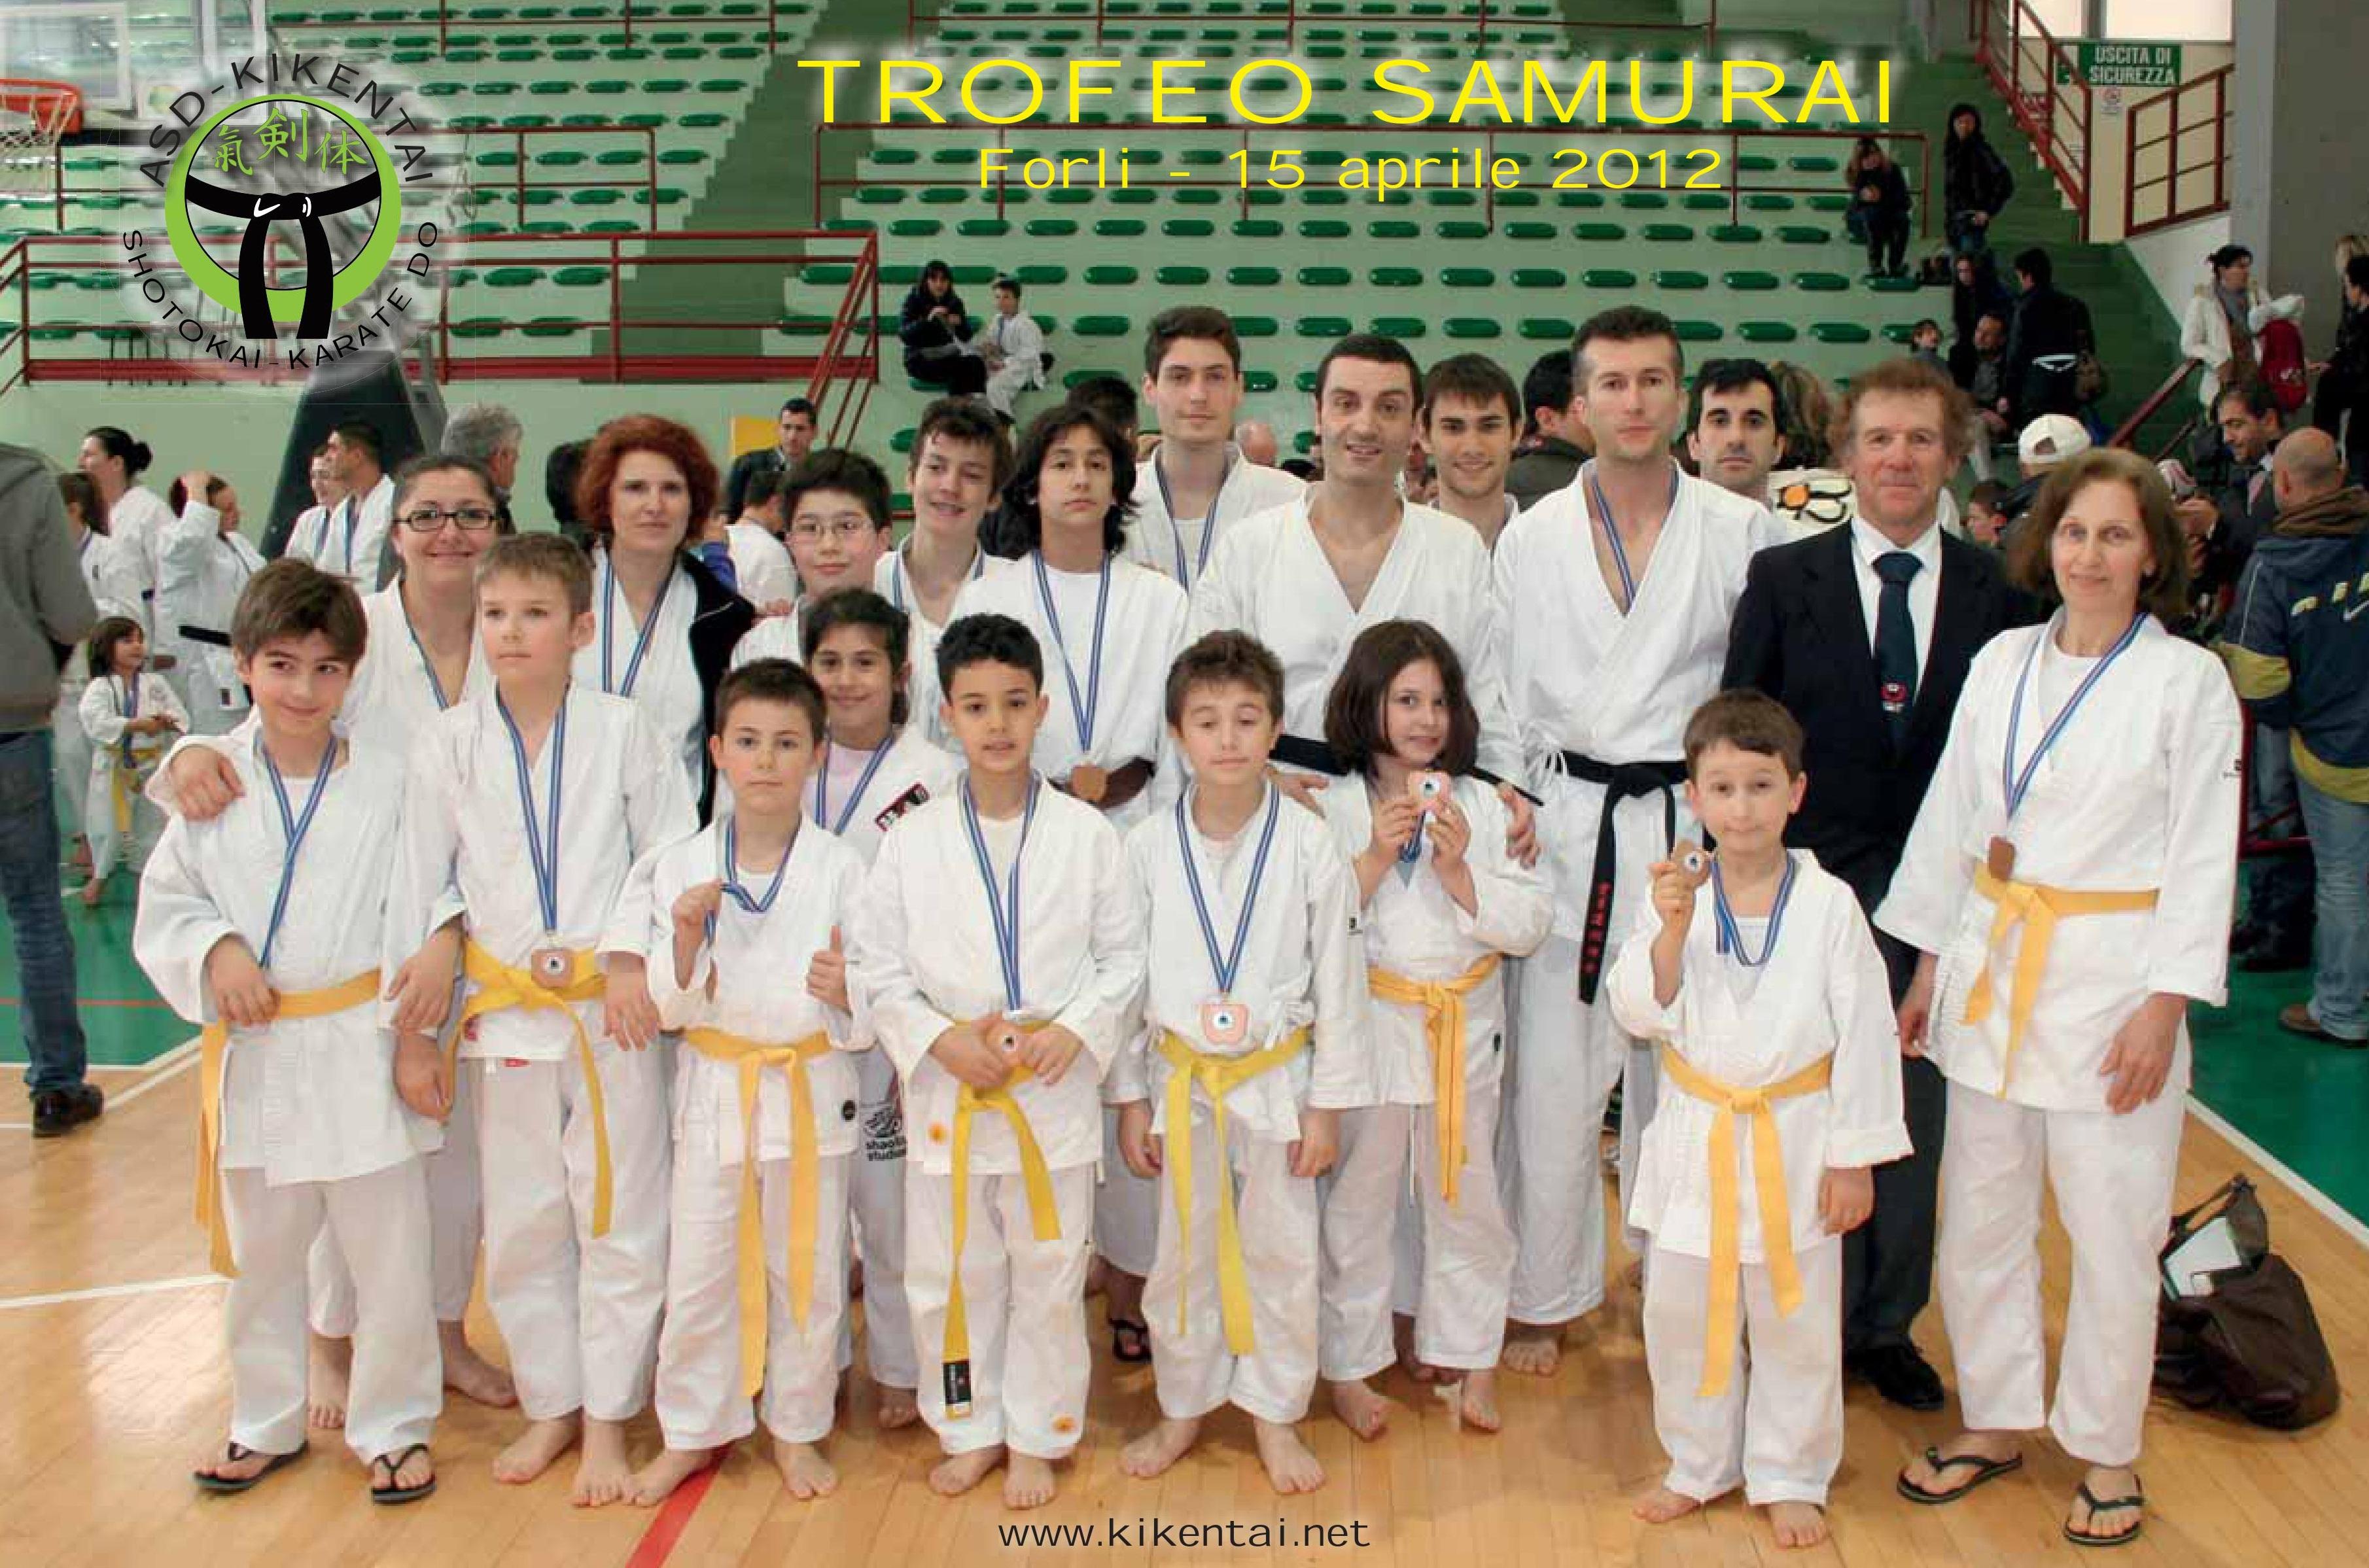 samurai 2012